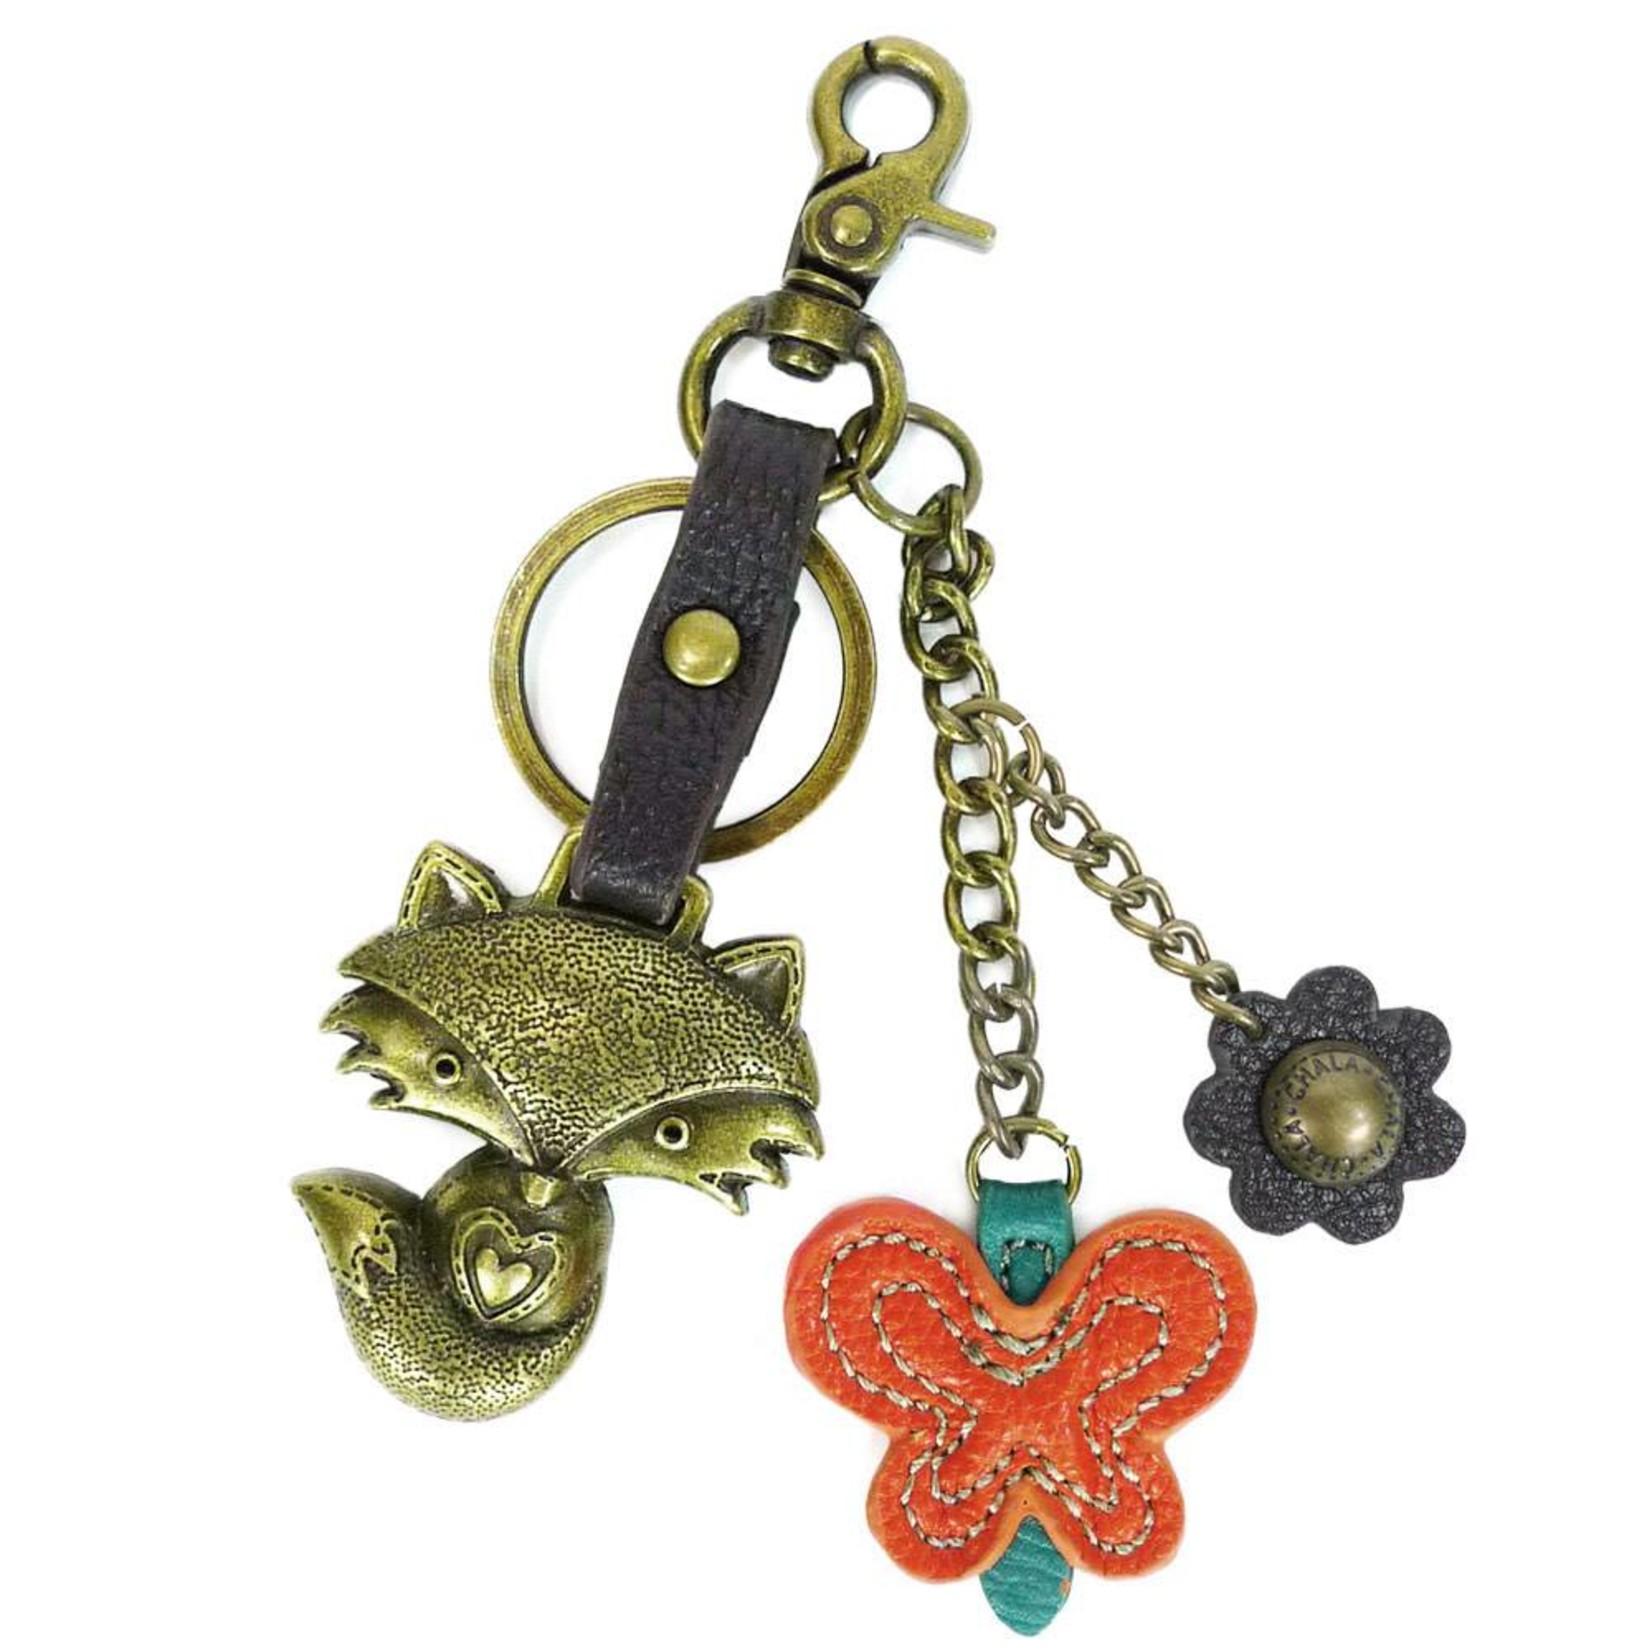 Chala Charming Key Chain Fox